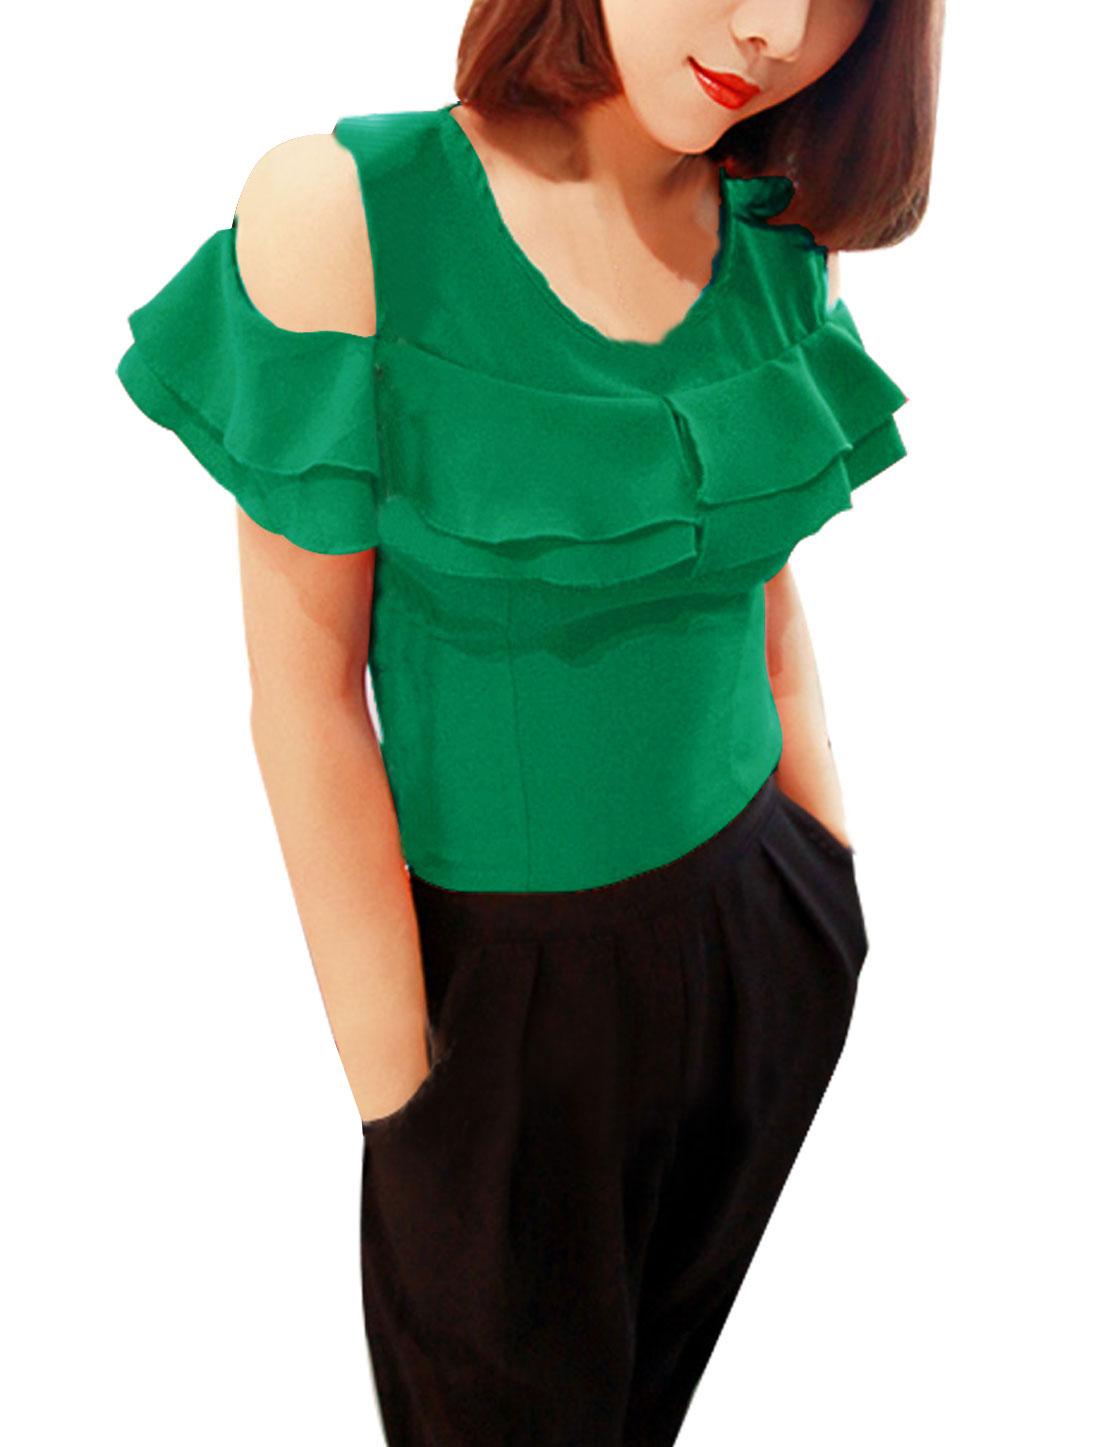 Lady Hidden Zipper Cape Detail Chic Top Blouse Green M